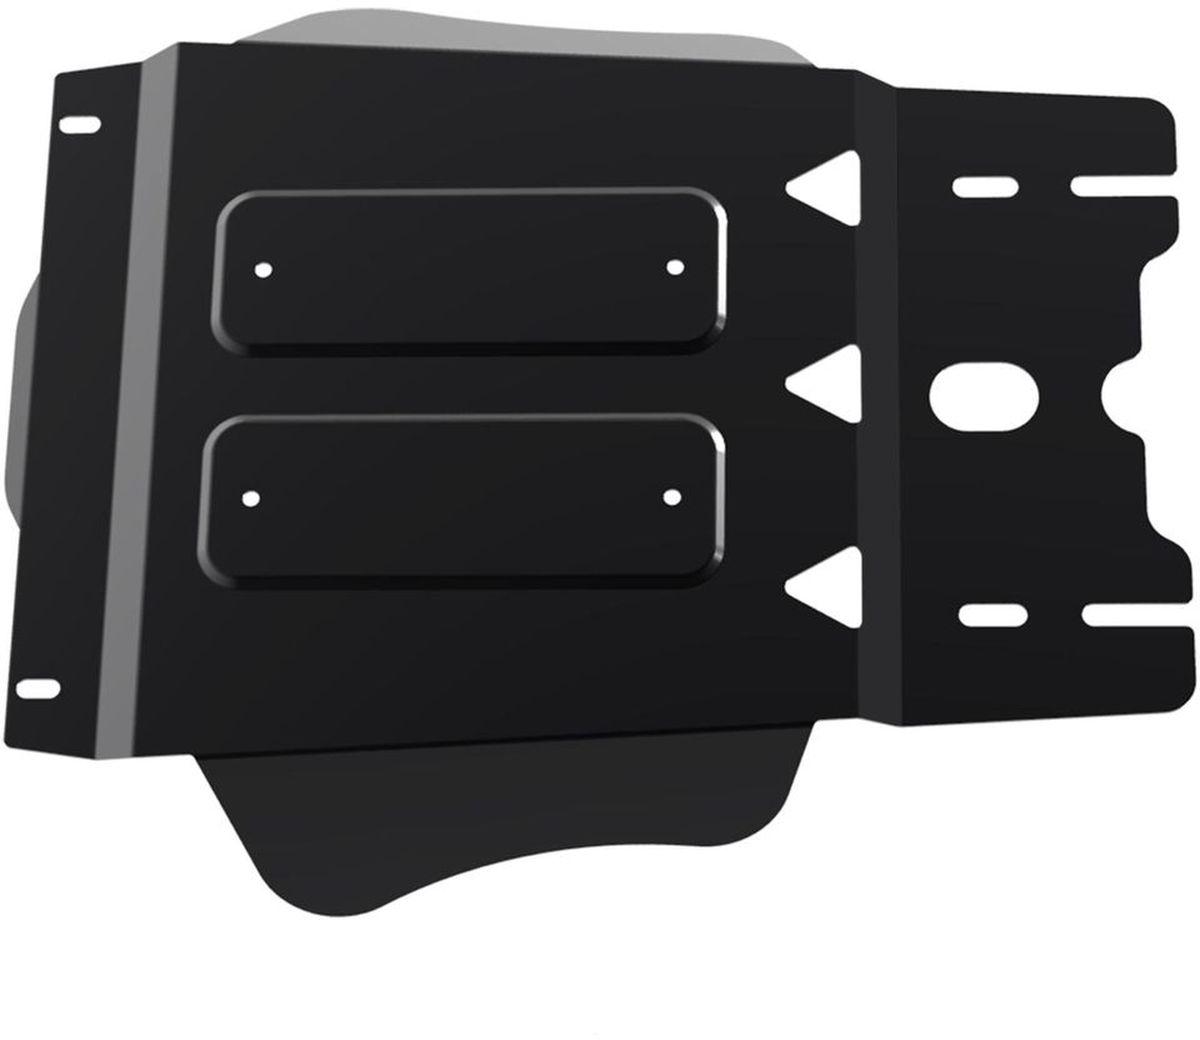 Защита КПП и РК Автоброня, для Toyota LC150 V - 4,0; V - 3,0TD / Lexus GX 460, V - 4,6111.05785.1Технологически совершенный продукт за невысокую стоимость. Защита разработана с учетом особенностей днища автомобиля, что позволяет сохранить дорожный просвет с минимальным изменением. Защита устанавливается в штатные места кузова автомобиля. Глубокий штамп обеспечивает до двух раз больше жесткости в сравнении с обычной защитой той же толщины. Проштампованные ребра жесткости препятствуют деформации защиты при ударах. Тепловой зазор и вентиляционные отверстия обеспечивают сохранение температурного режима двигателя в норме. Скрытый крепеж предотвращает срыв крепежных элементов при наезде на препятствие. Шумопоглощающие резиновые элементы обеспечивают комфортную езду без вибраций и скрежета металла, а съемные лючки для слива масла и замены фильтра - экономию средств и время. Конструкция изделия не влияет на пассивную безопасность автомобиля (при ударе защита не воздействует на деформационные зоны кузова). Со штатным крепежом. В комплекте инструкция по установке....